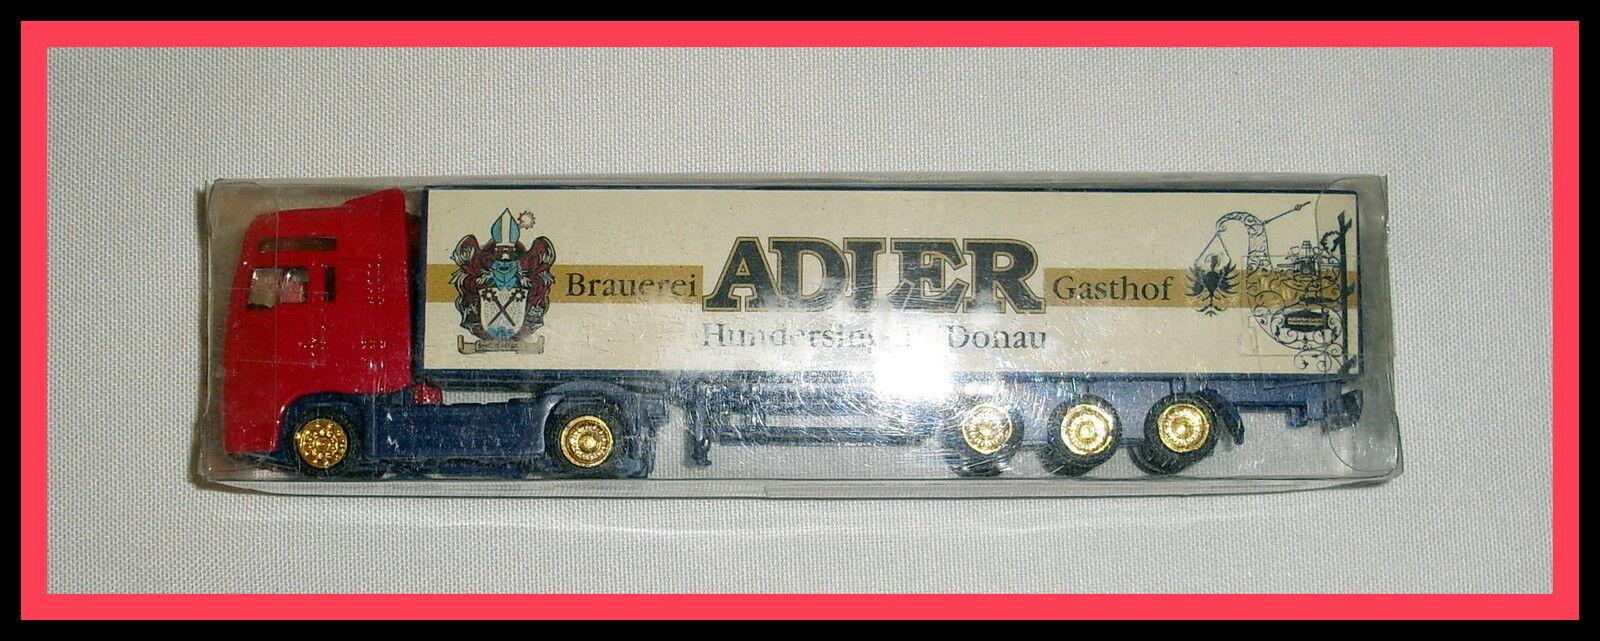 Bierlaster & Co.